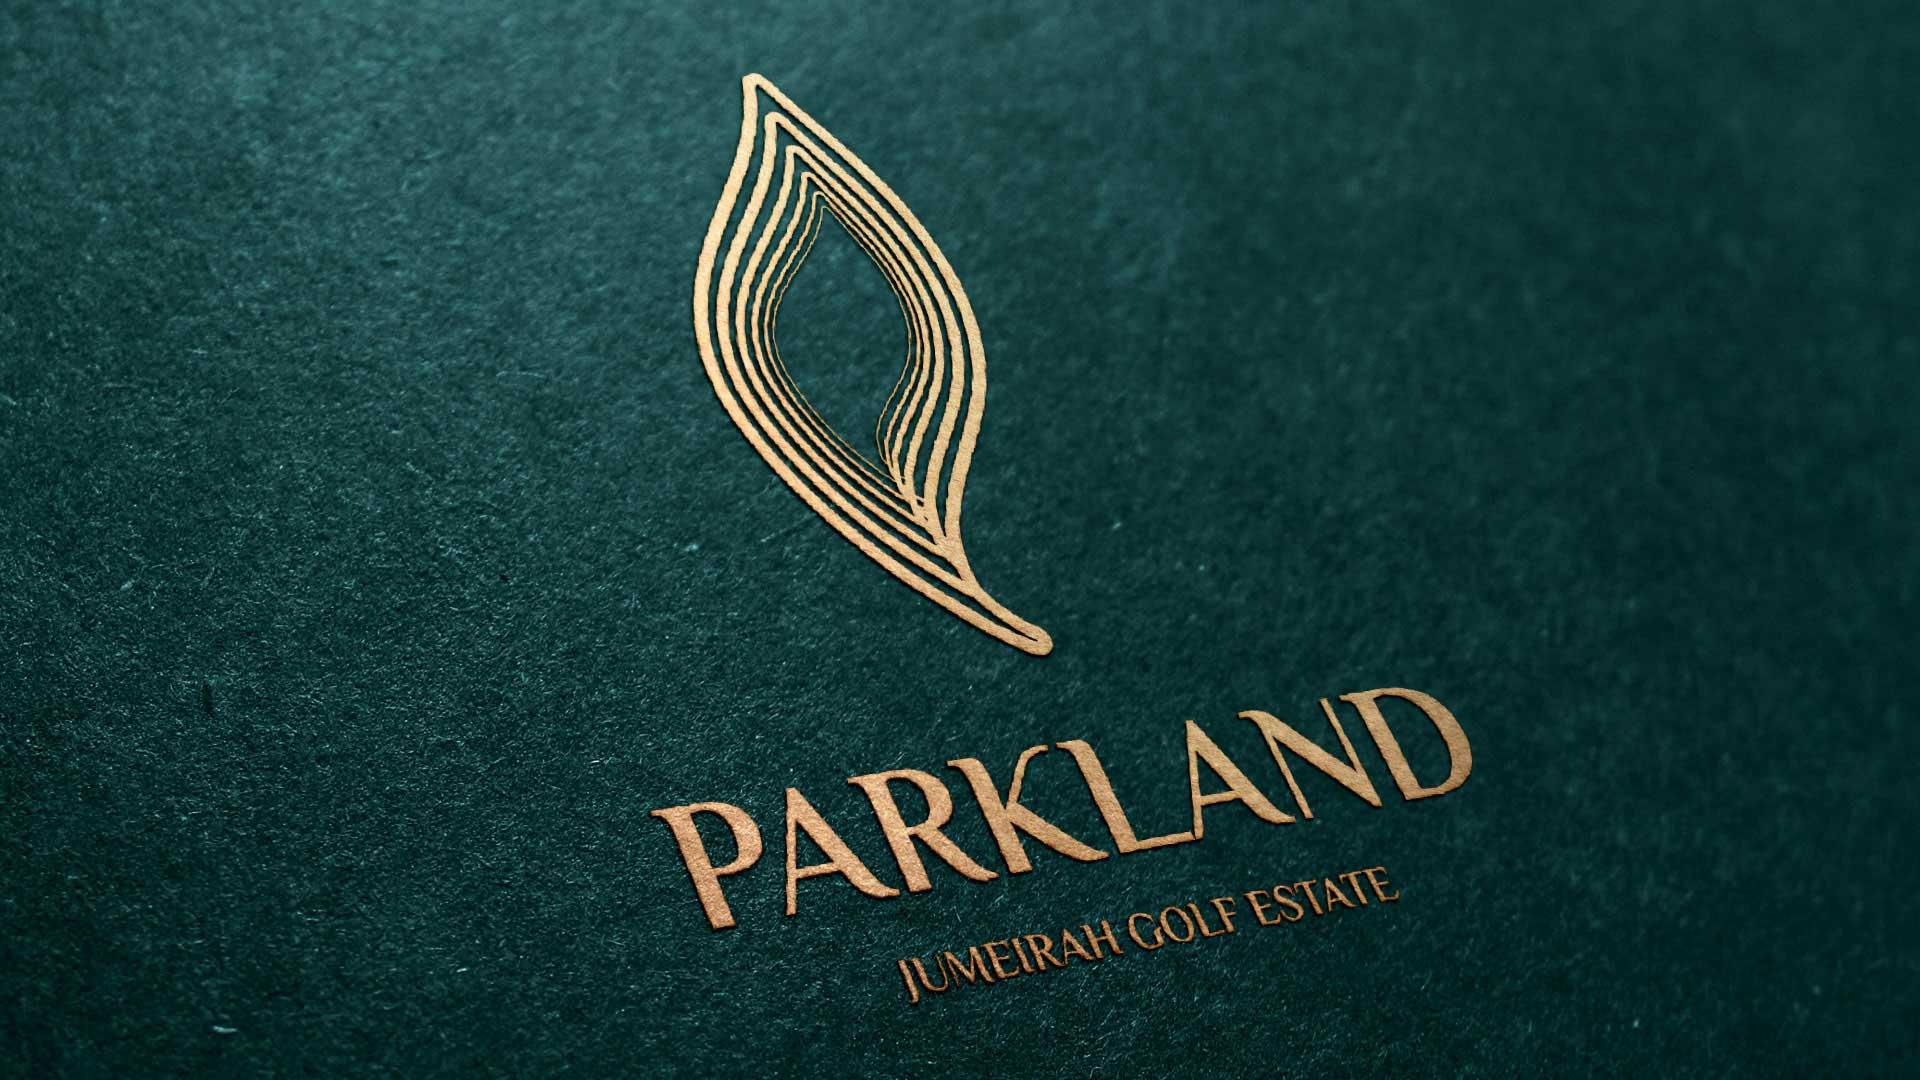 Parkland-logo